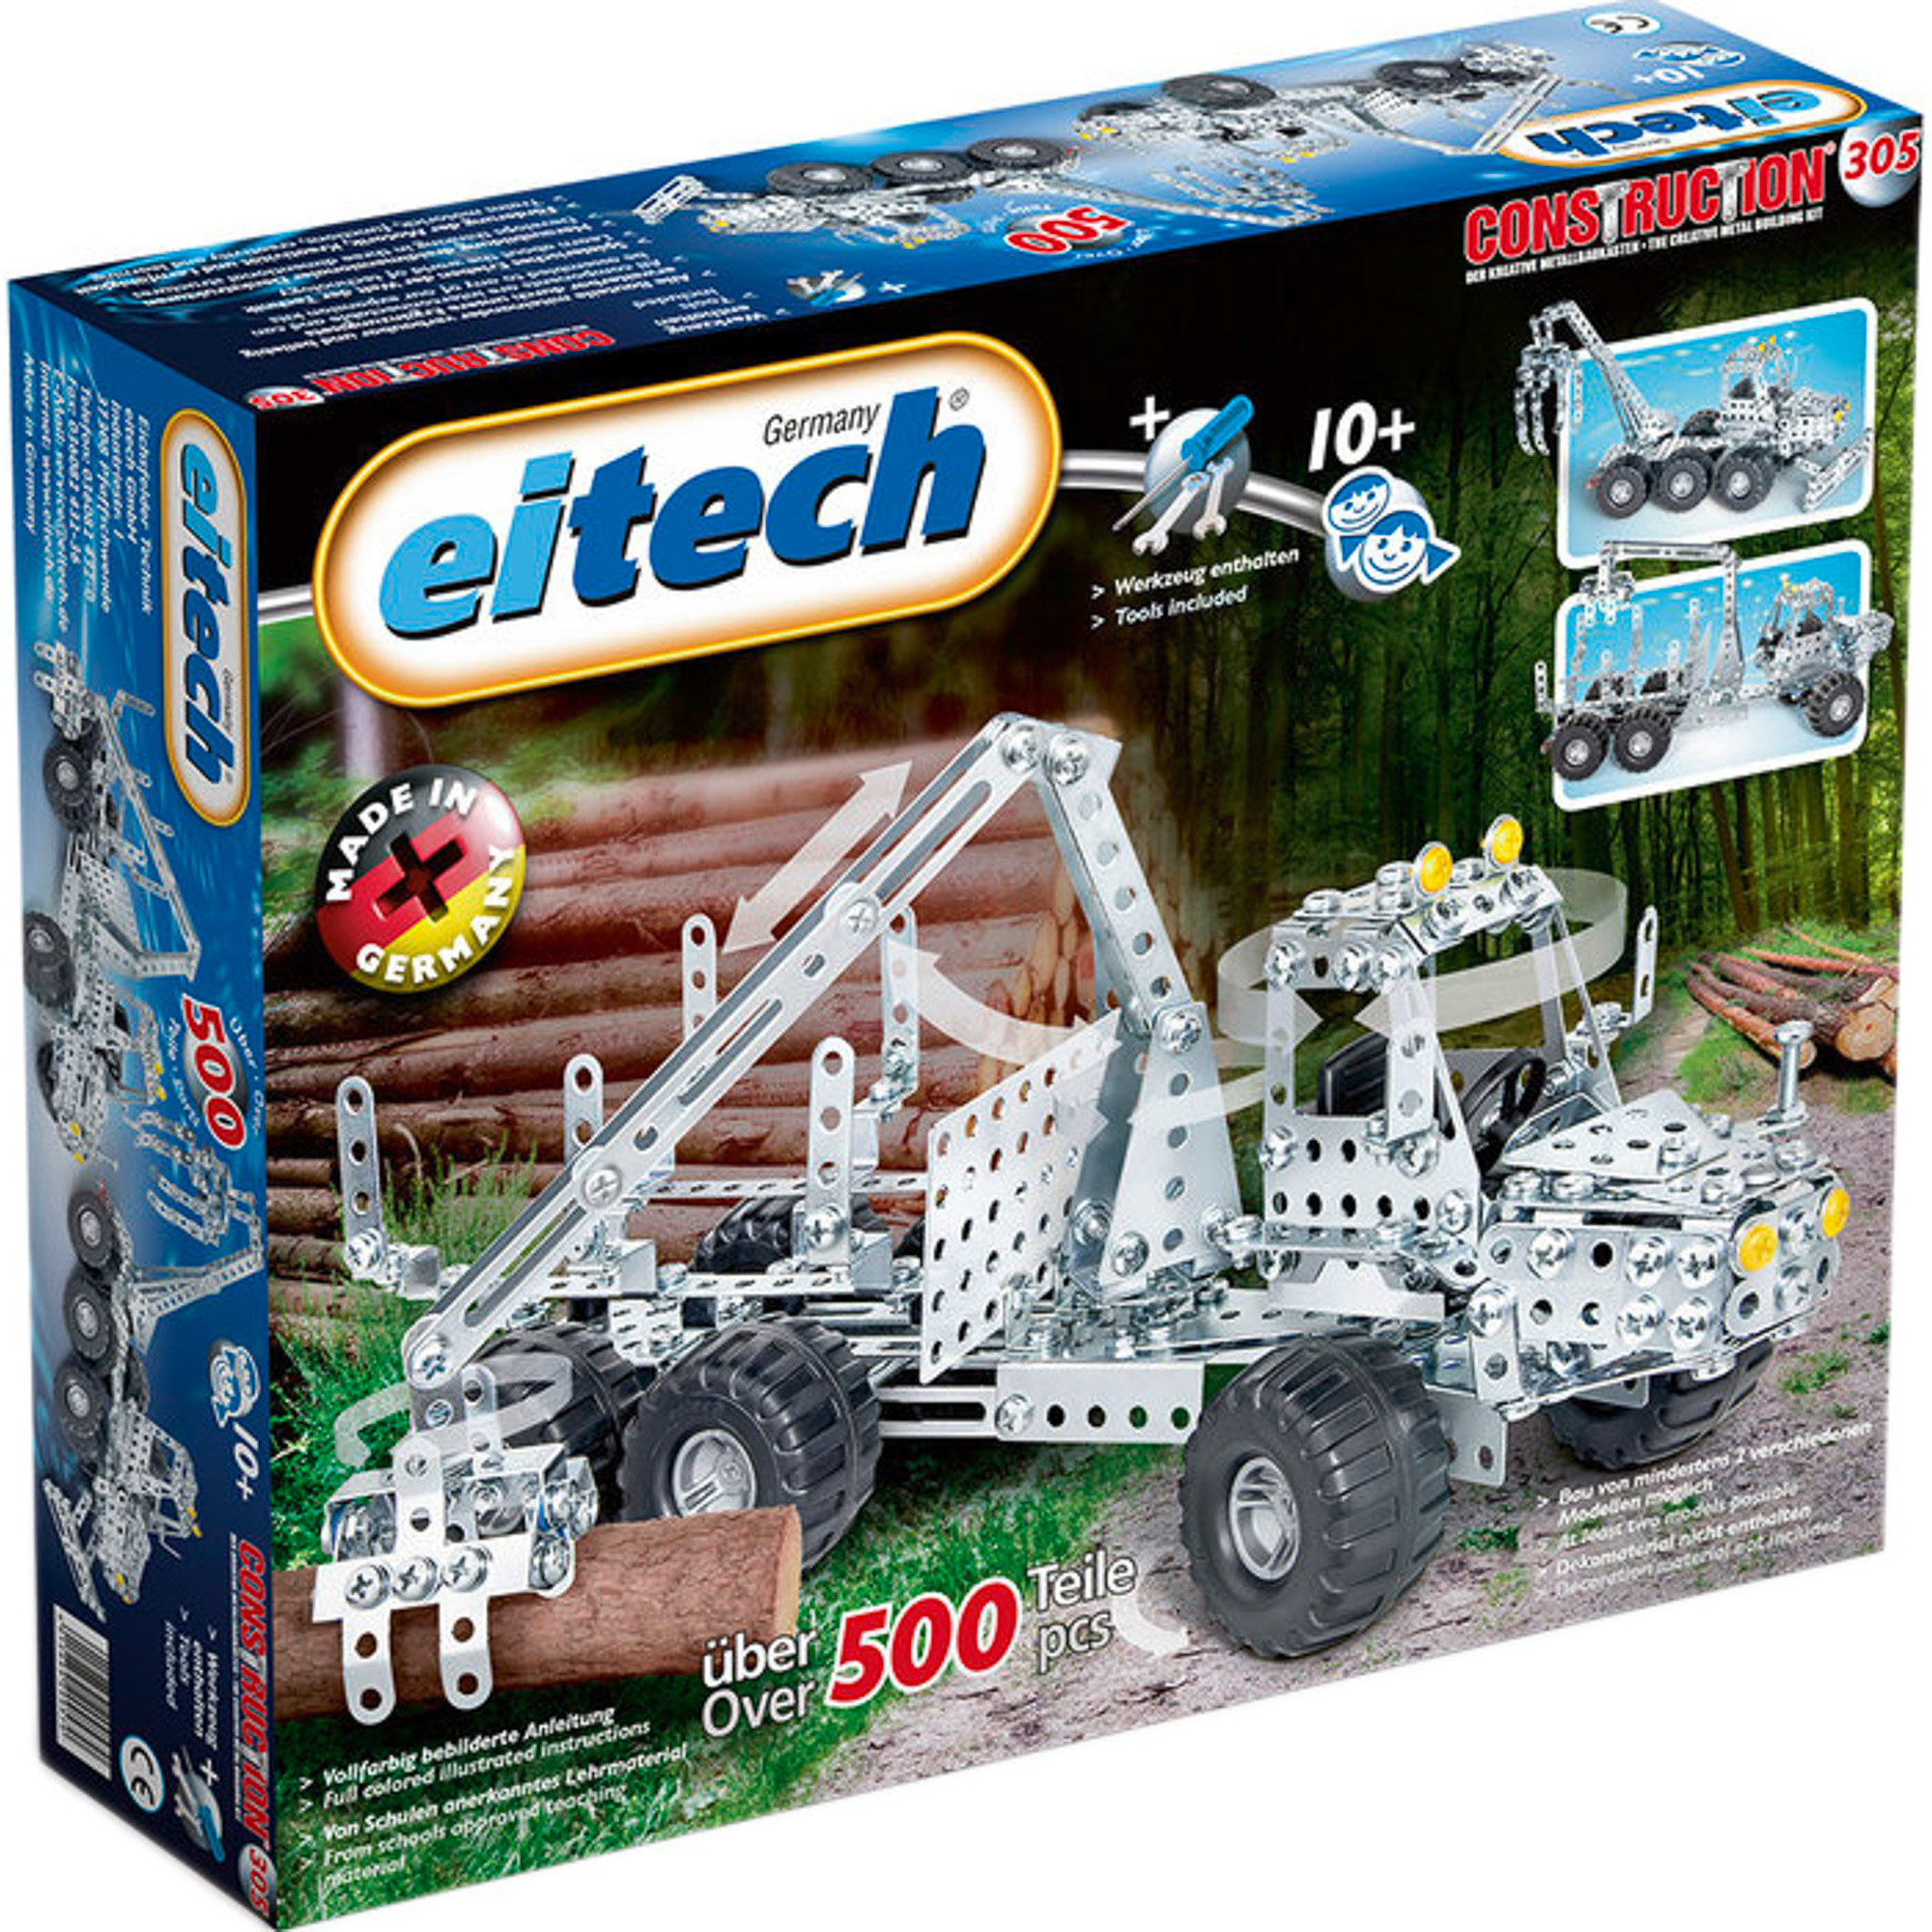 Купить Конструктор Eitech Лесовоз, Германия, металл, для мальчиков, Конструкторы, пазлы